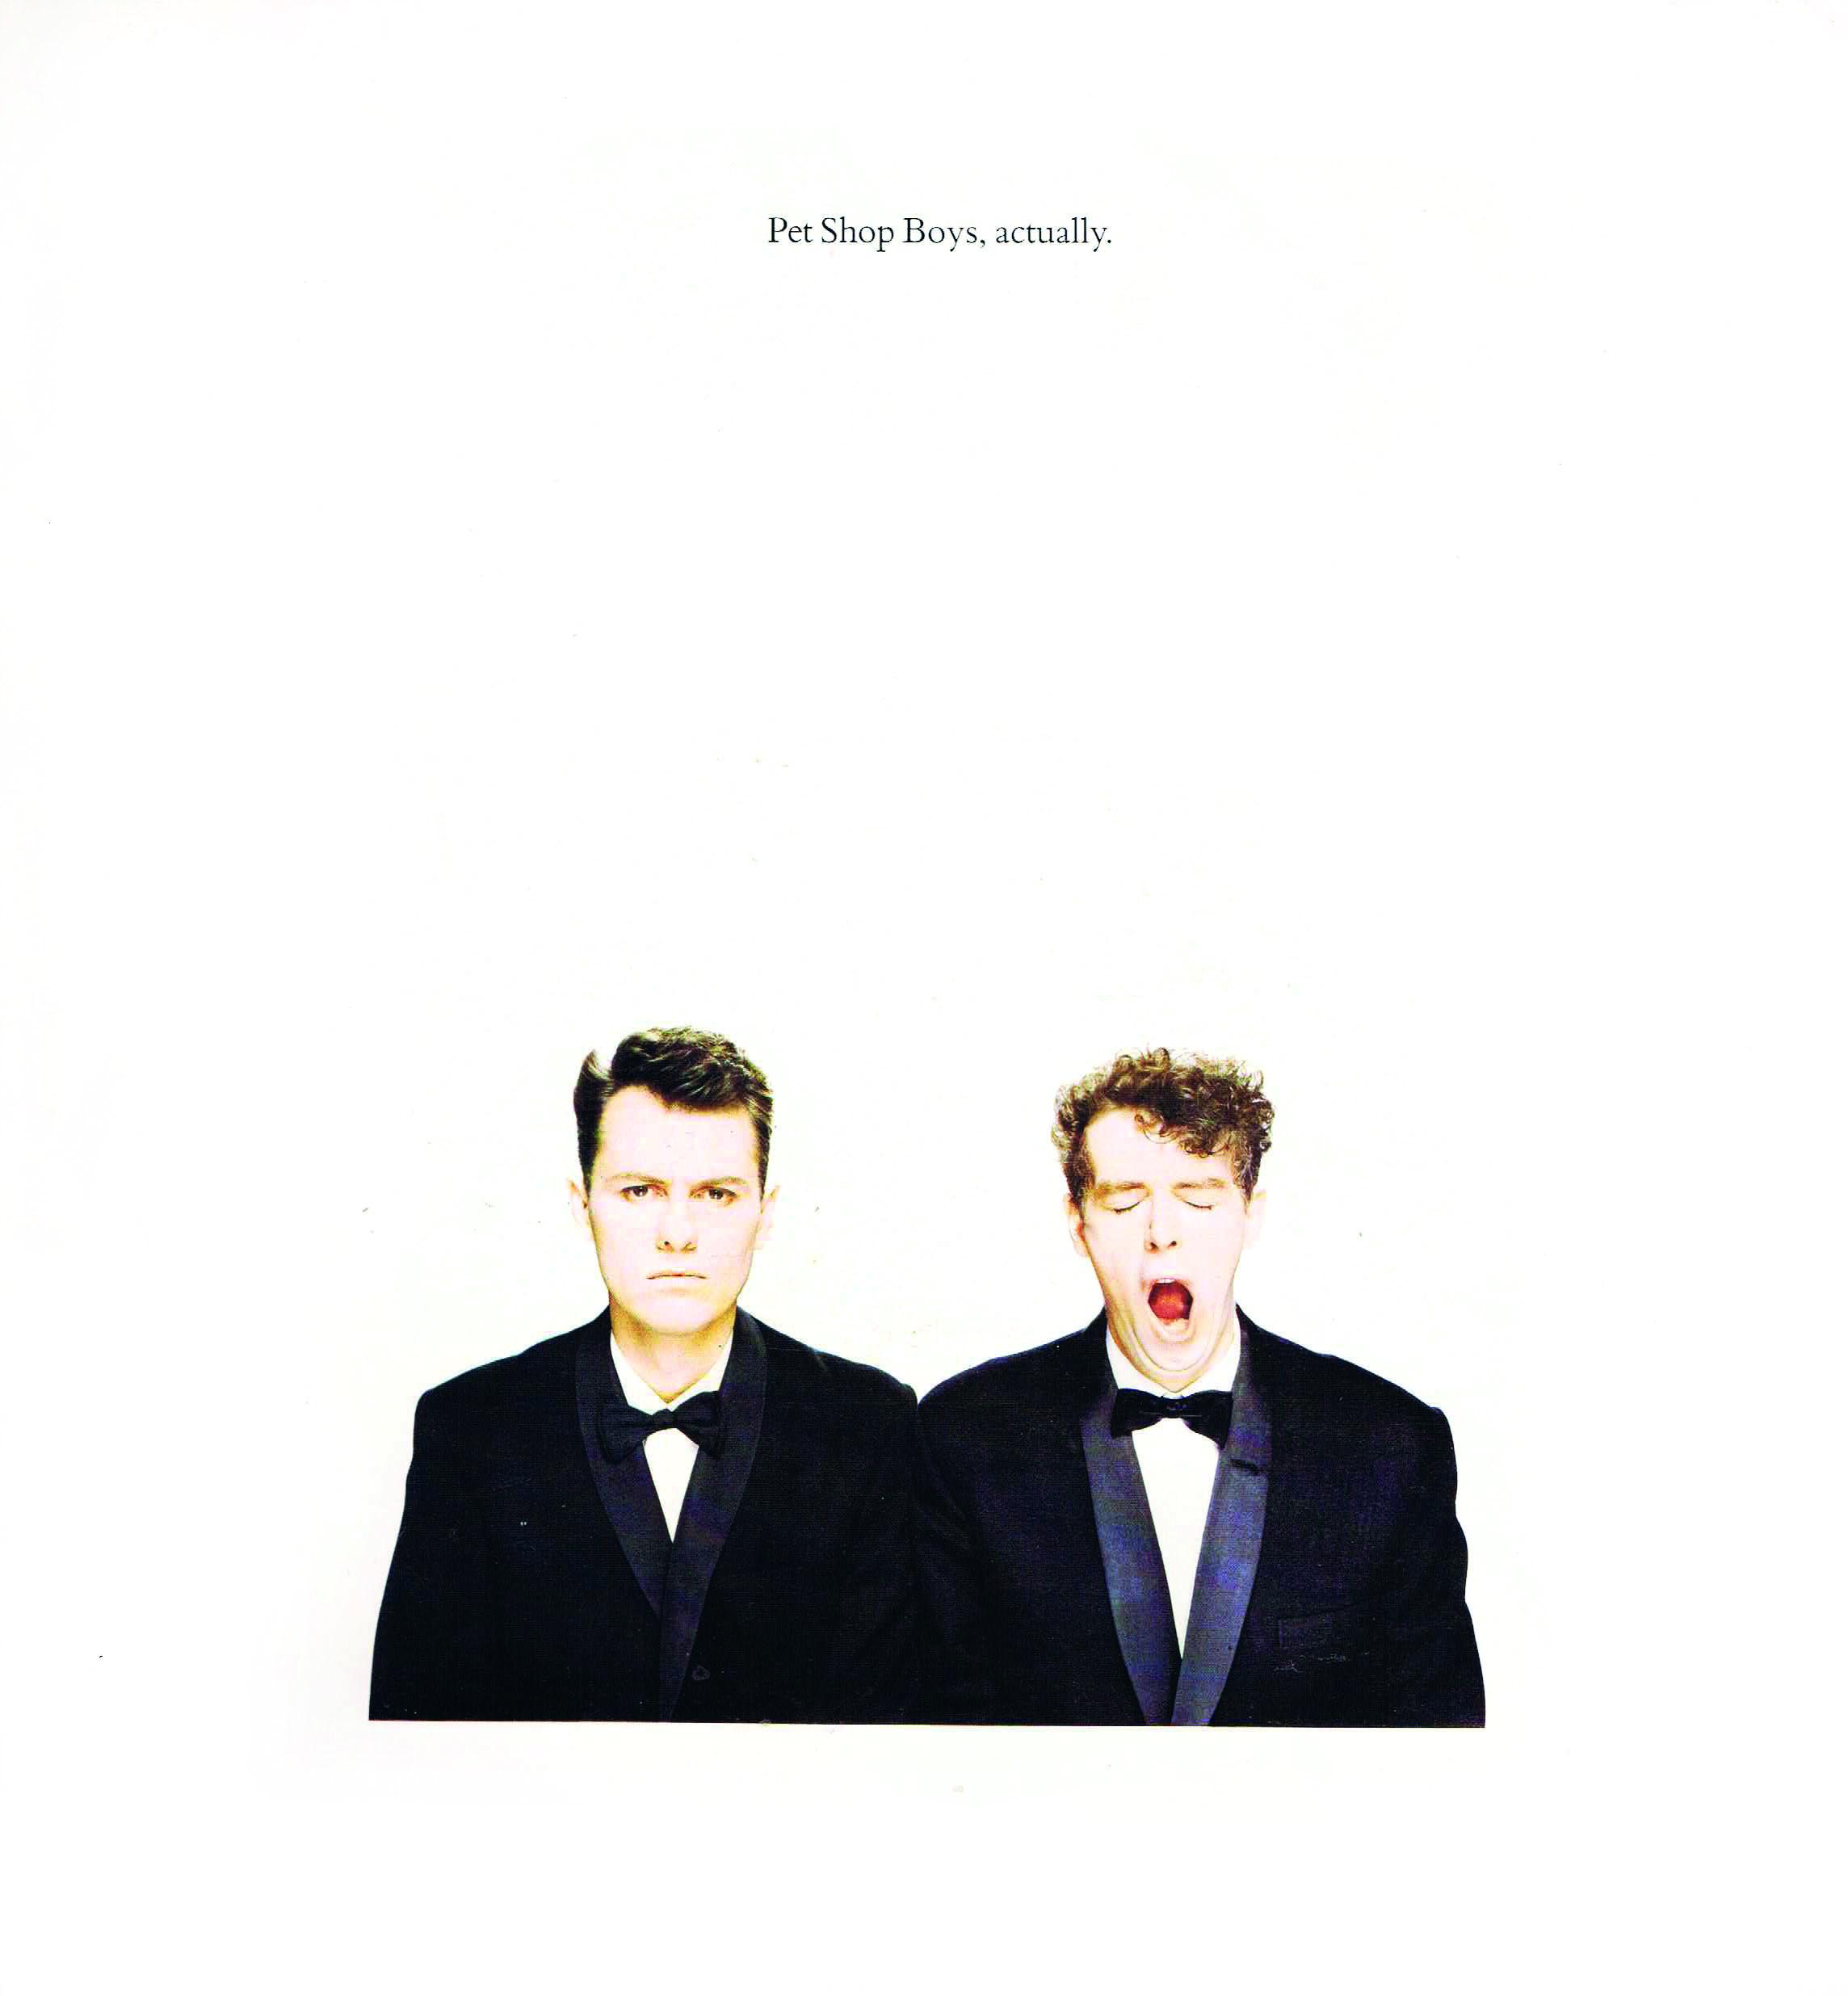 The Lowdown: Pet Shop Boys - Actually